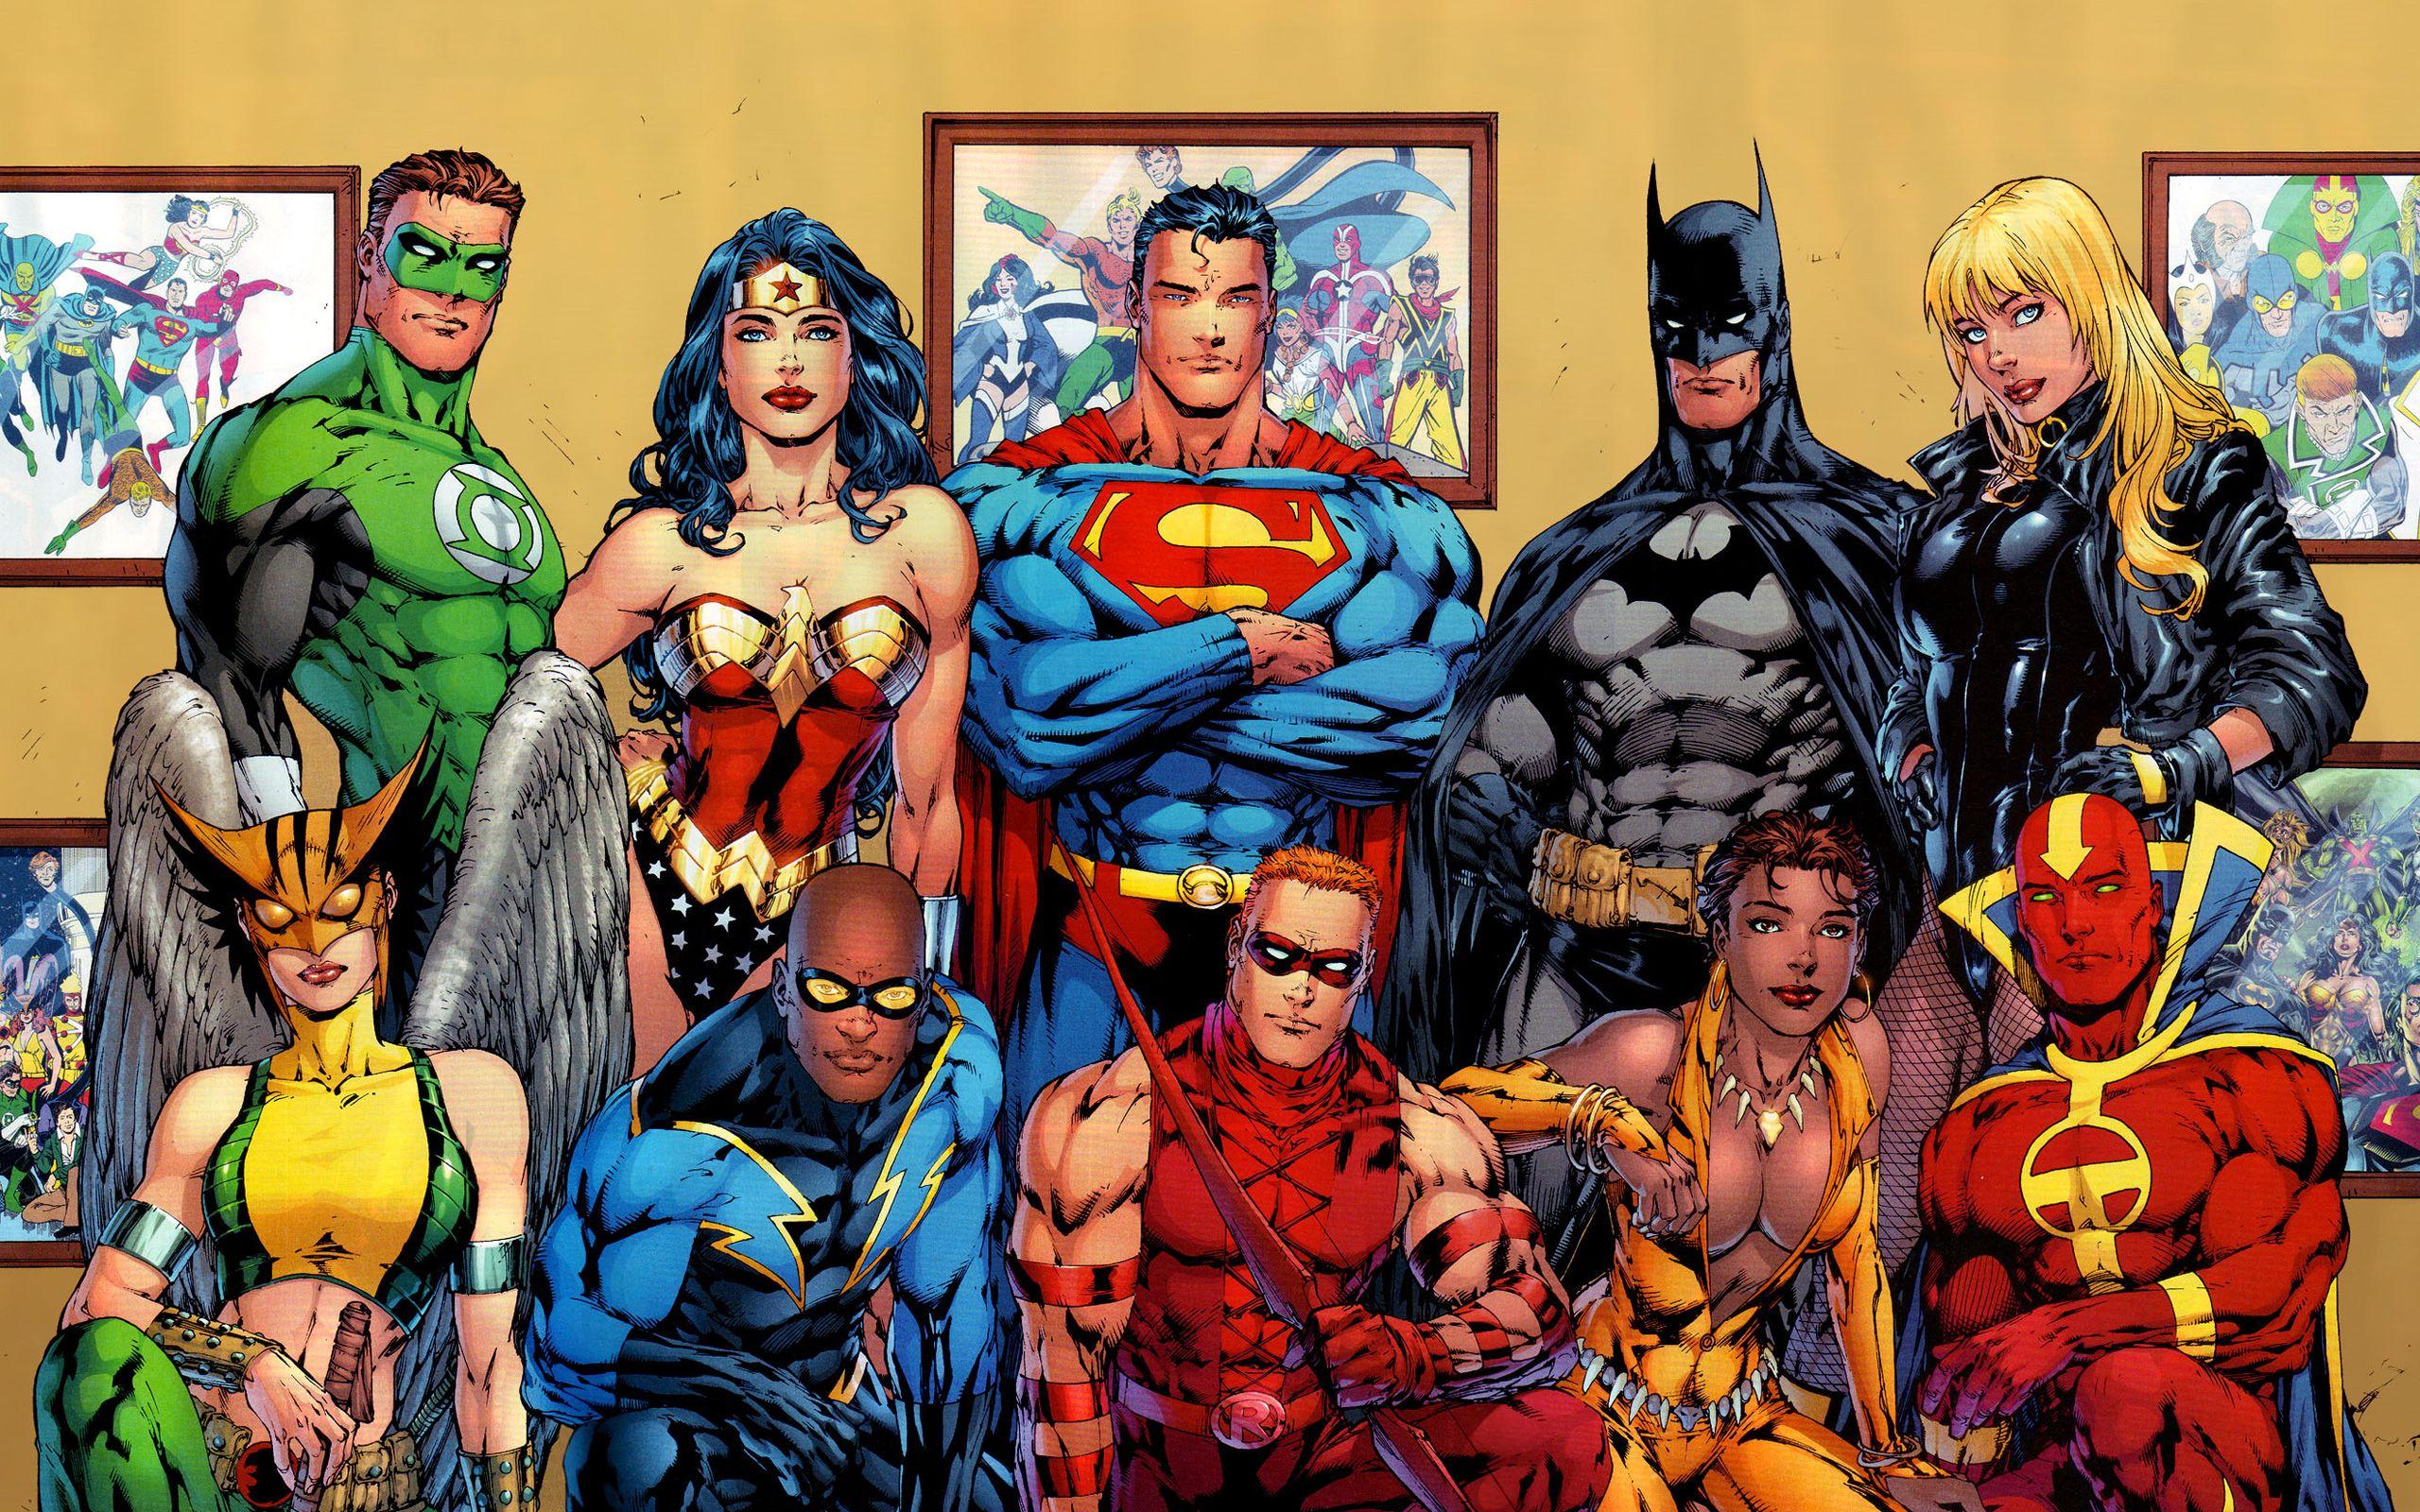 justice league pics hd